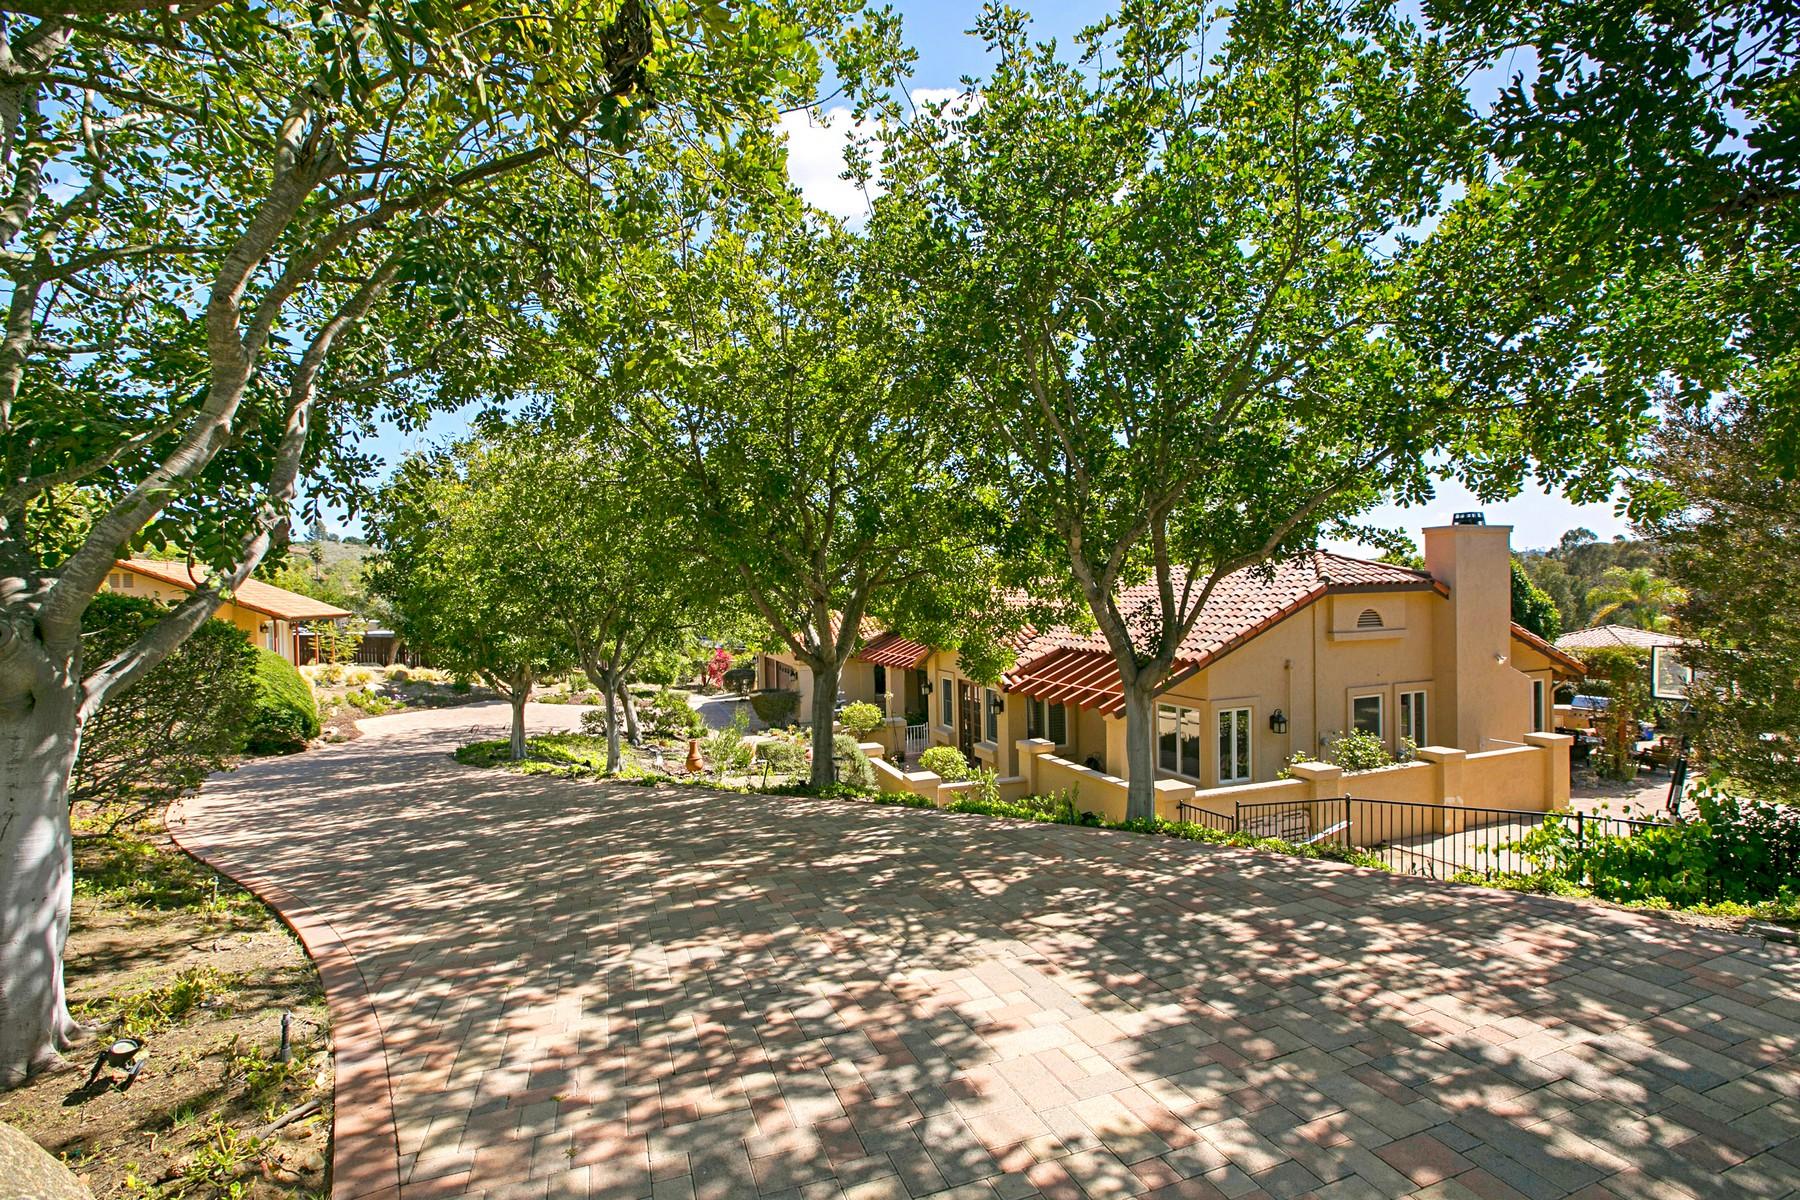 Casa Unifamiliar por un Venta en 14383 Blue Sage Road Poway, California, 92064 Estados Unidos